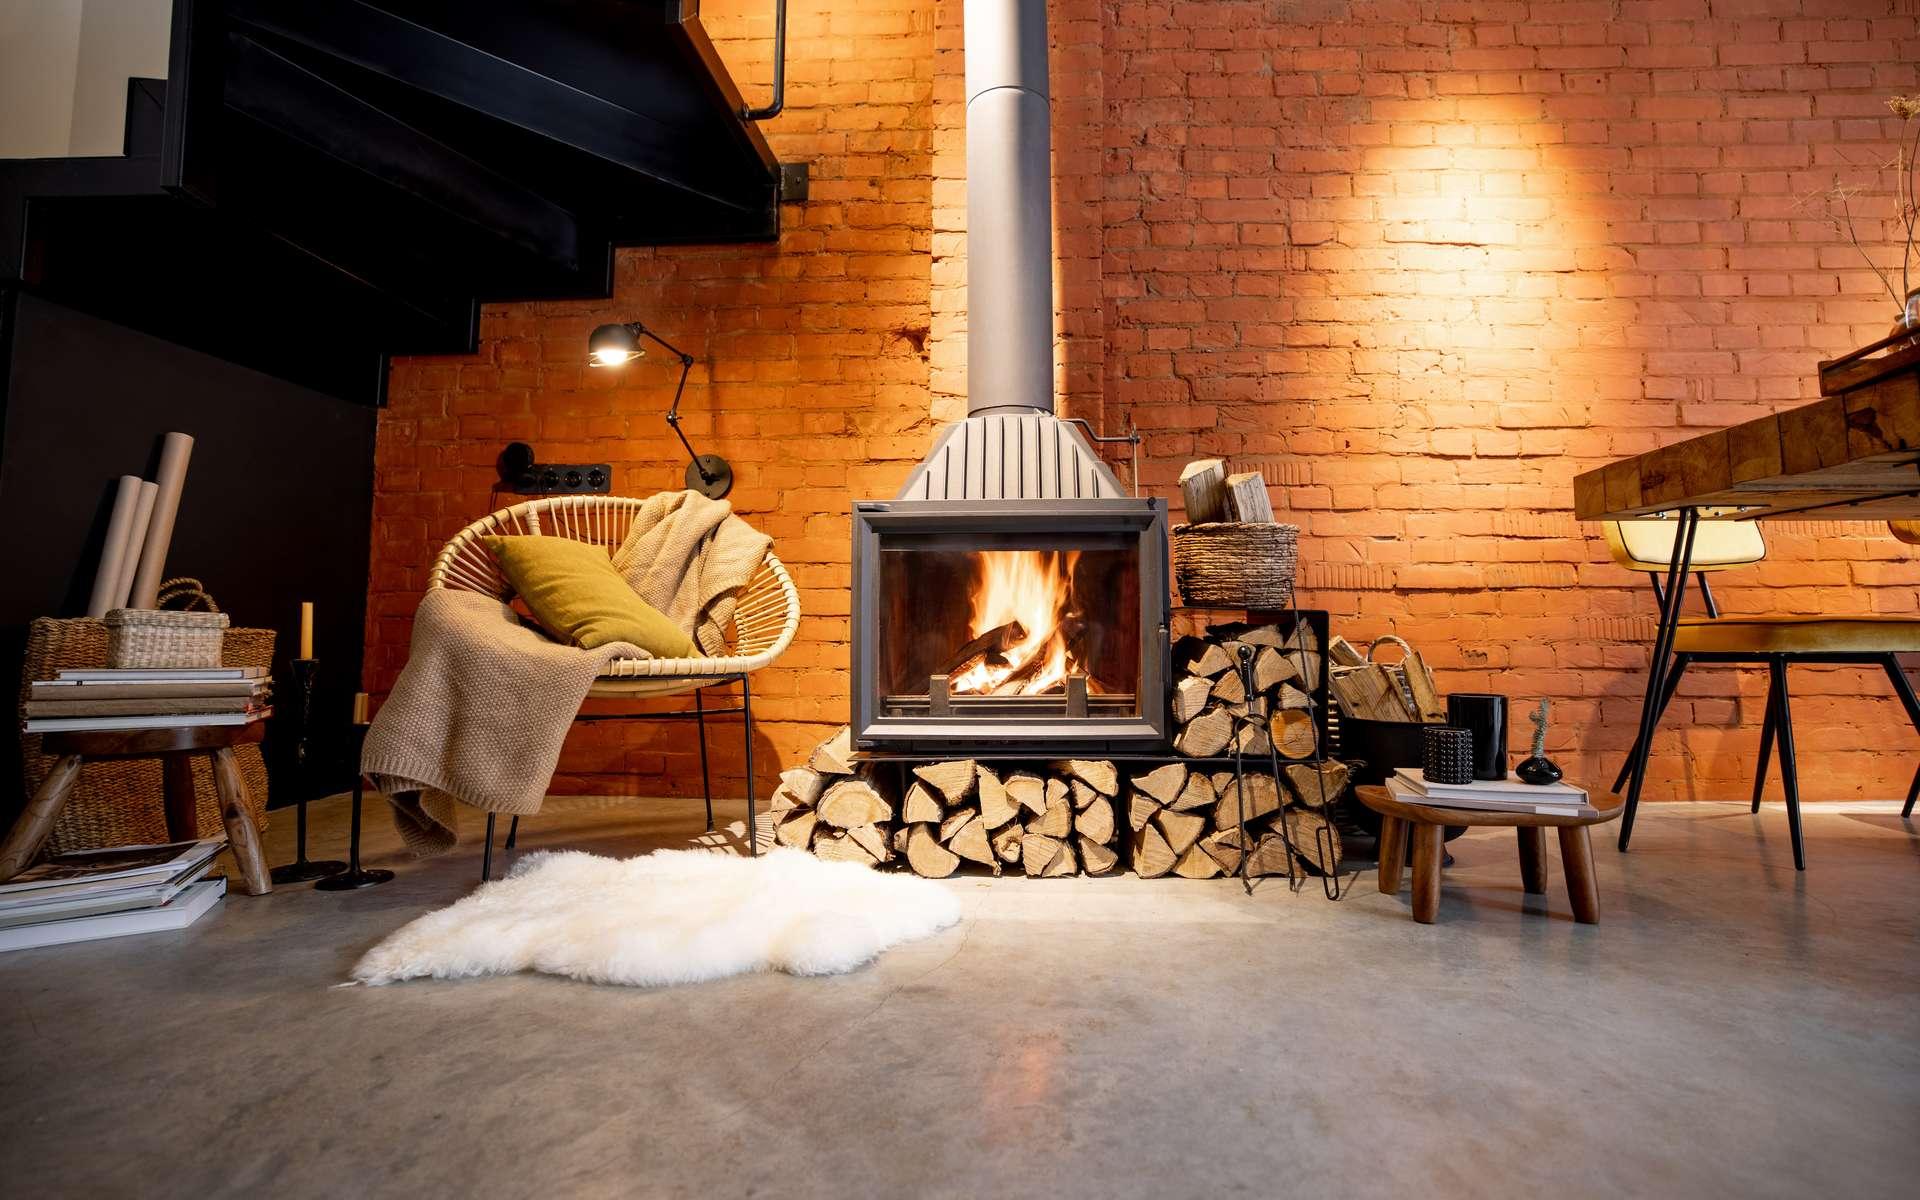 Avoir une cheminée chez soi est toujours agréable, mais il faut aussi penser à adopter les bons gestes pour réduire sa consommation énergétique et contribuer à la réduction des émissions de particules fines dans l'air en adoptant notamment un appareil labellisé Flamme verte. © rh2010, Adobe Stock